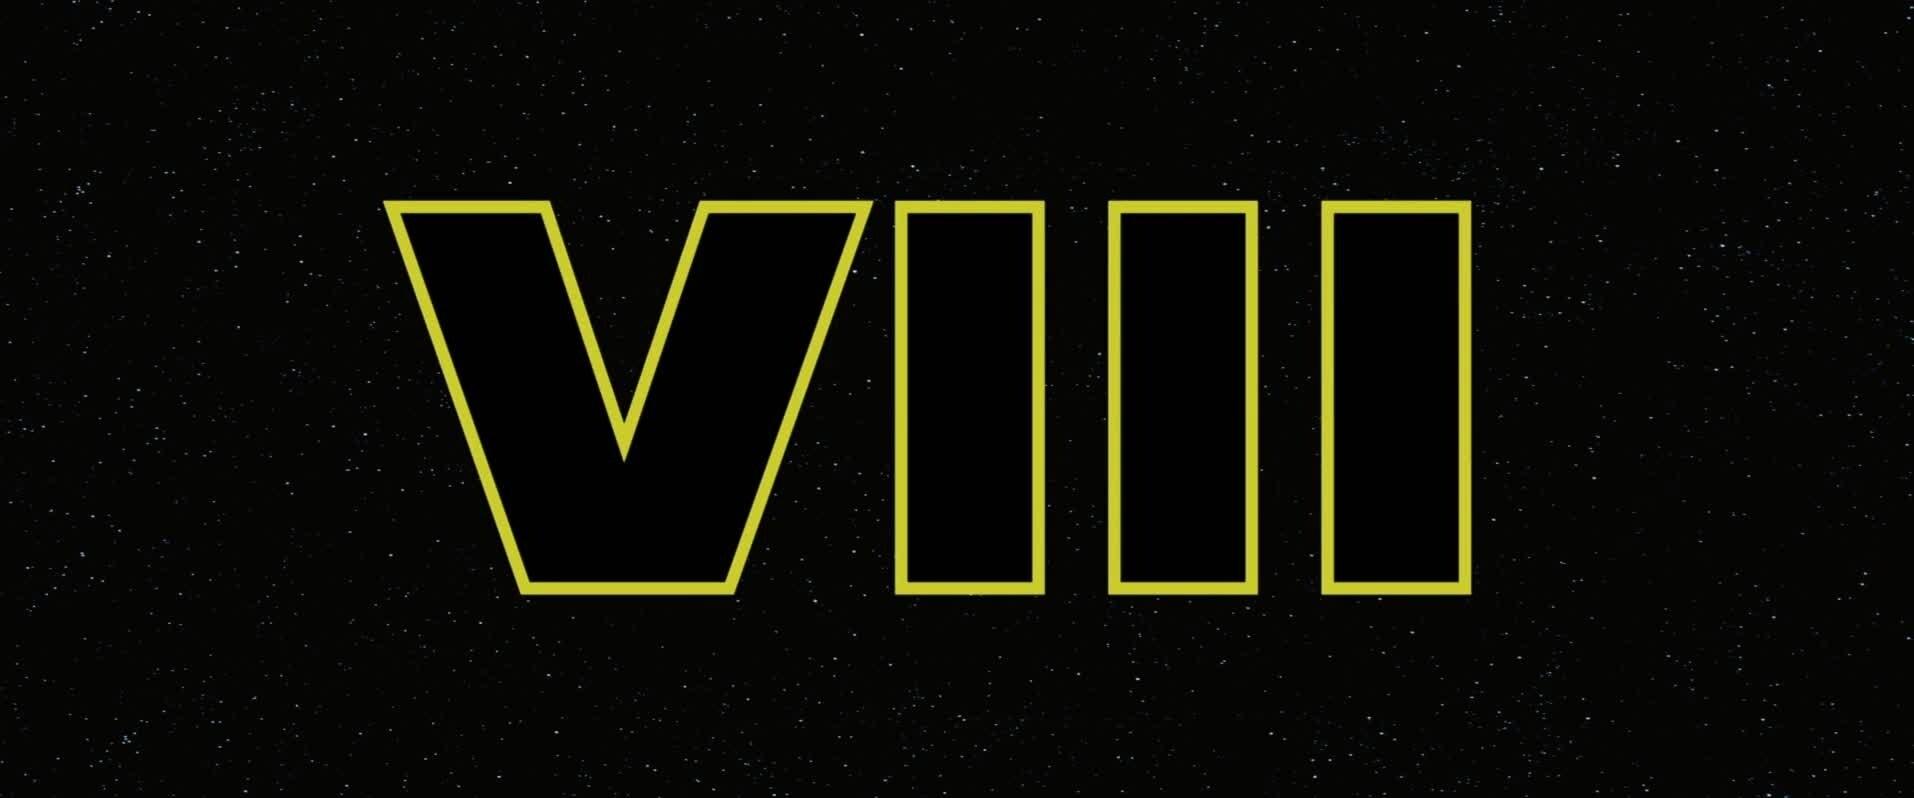 Star Wars: Episode VIII Announcement